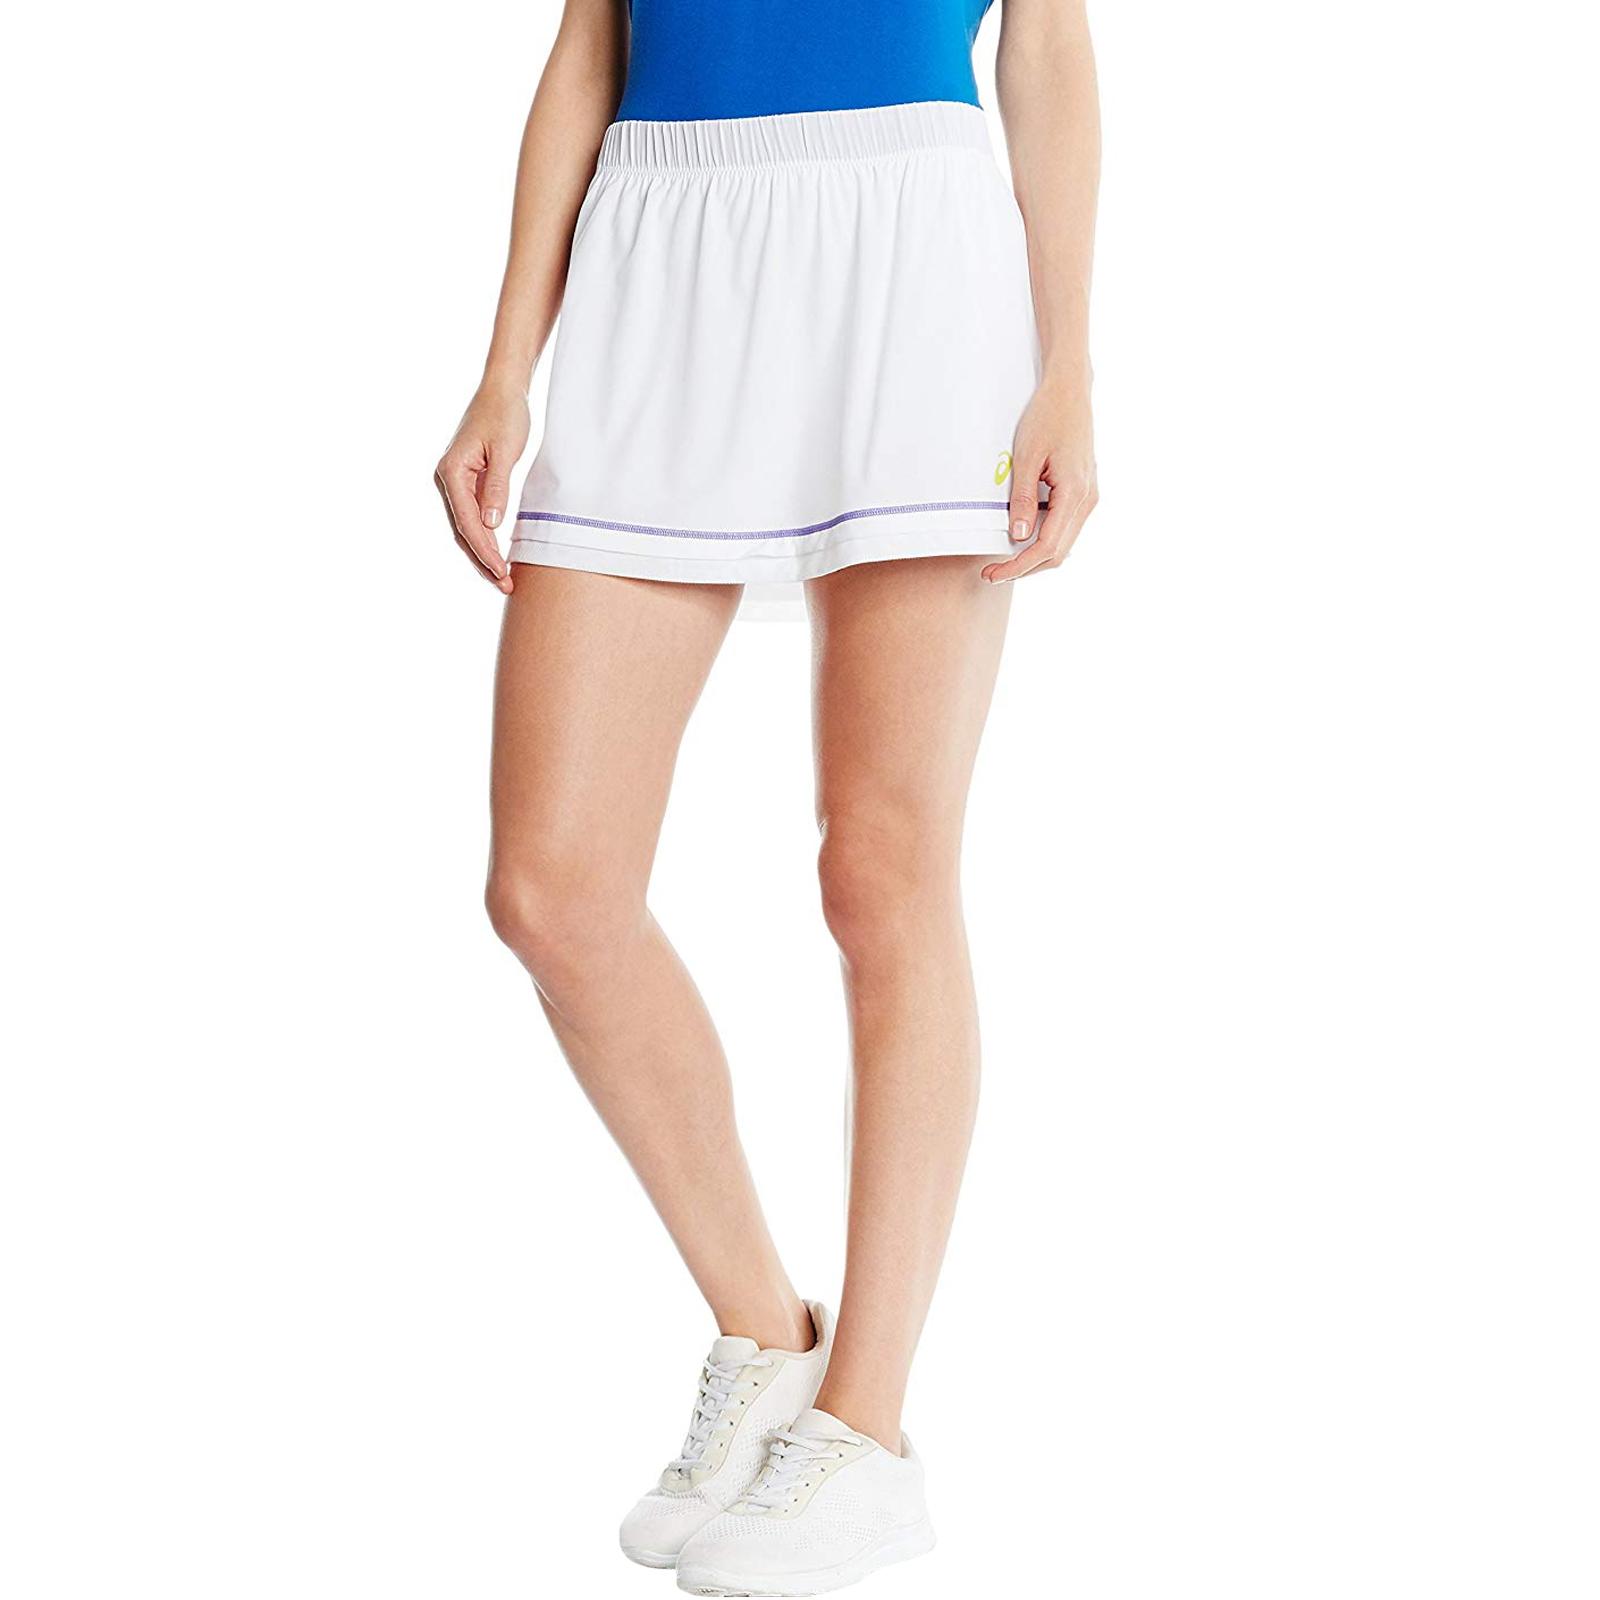 Asics Da Donna Vantaggio Sports Tennis Addestramento Motiondry Gonna Pantaloncini Skort-bianco-mostra Il Titolo Originale